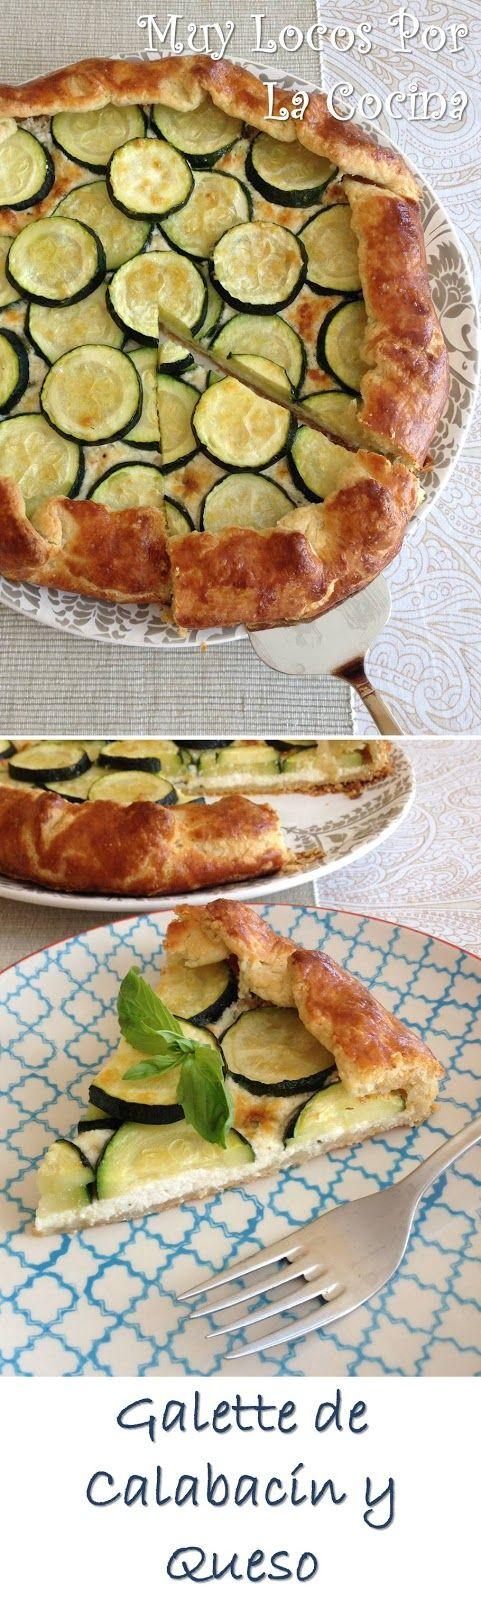 Twittear     Esta tarta salada de aspecto rústico está hecha con una masa crujiente rellena de una mezcla de quesos aromatiza...